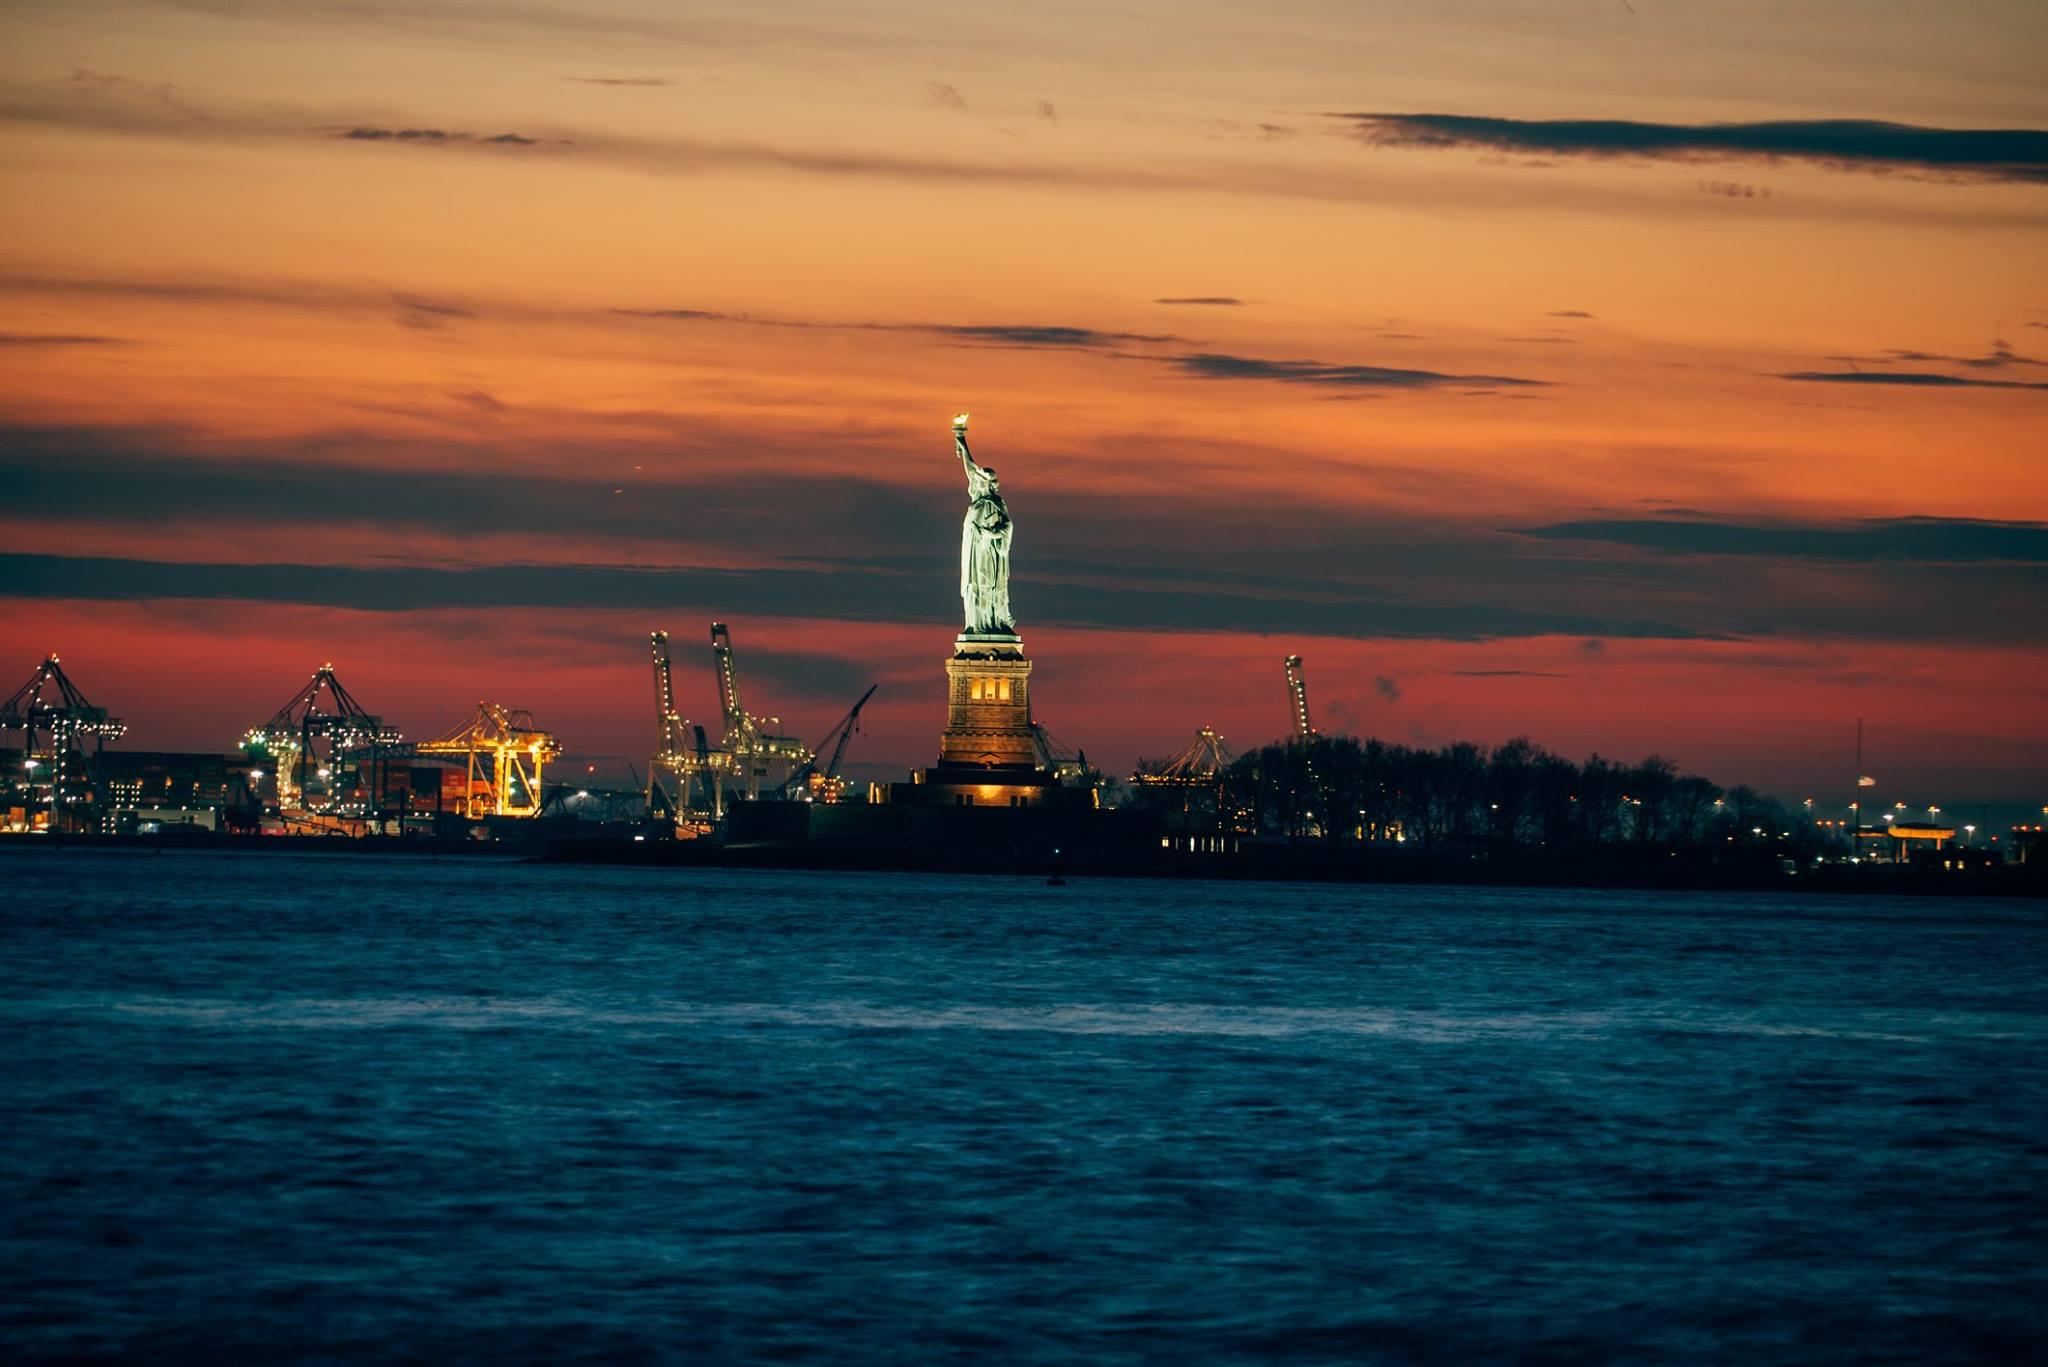 Theo chân Nhị Đặng kinh nghiệm chinh phục Mỹ: Tất tần tật về điểm đến, chi phí và những lưu ý 17